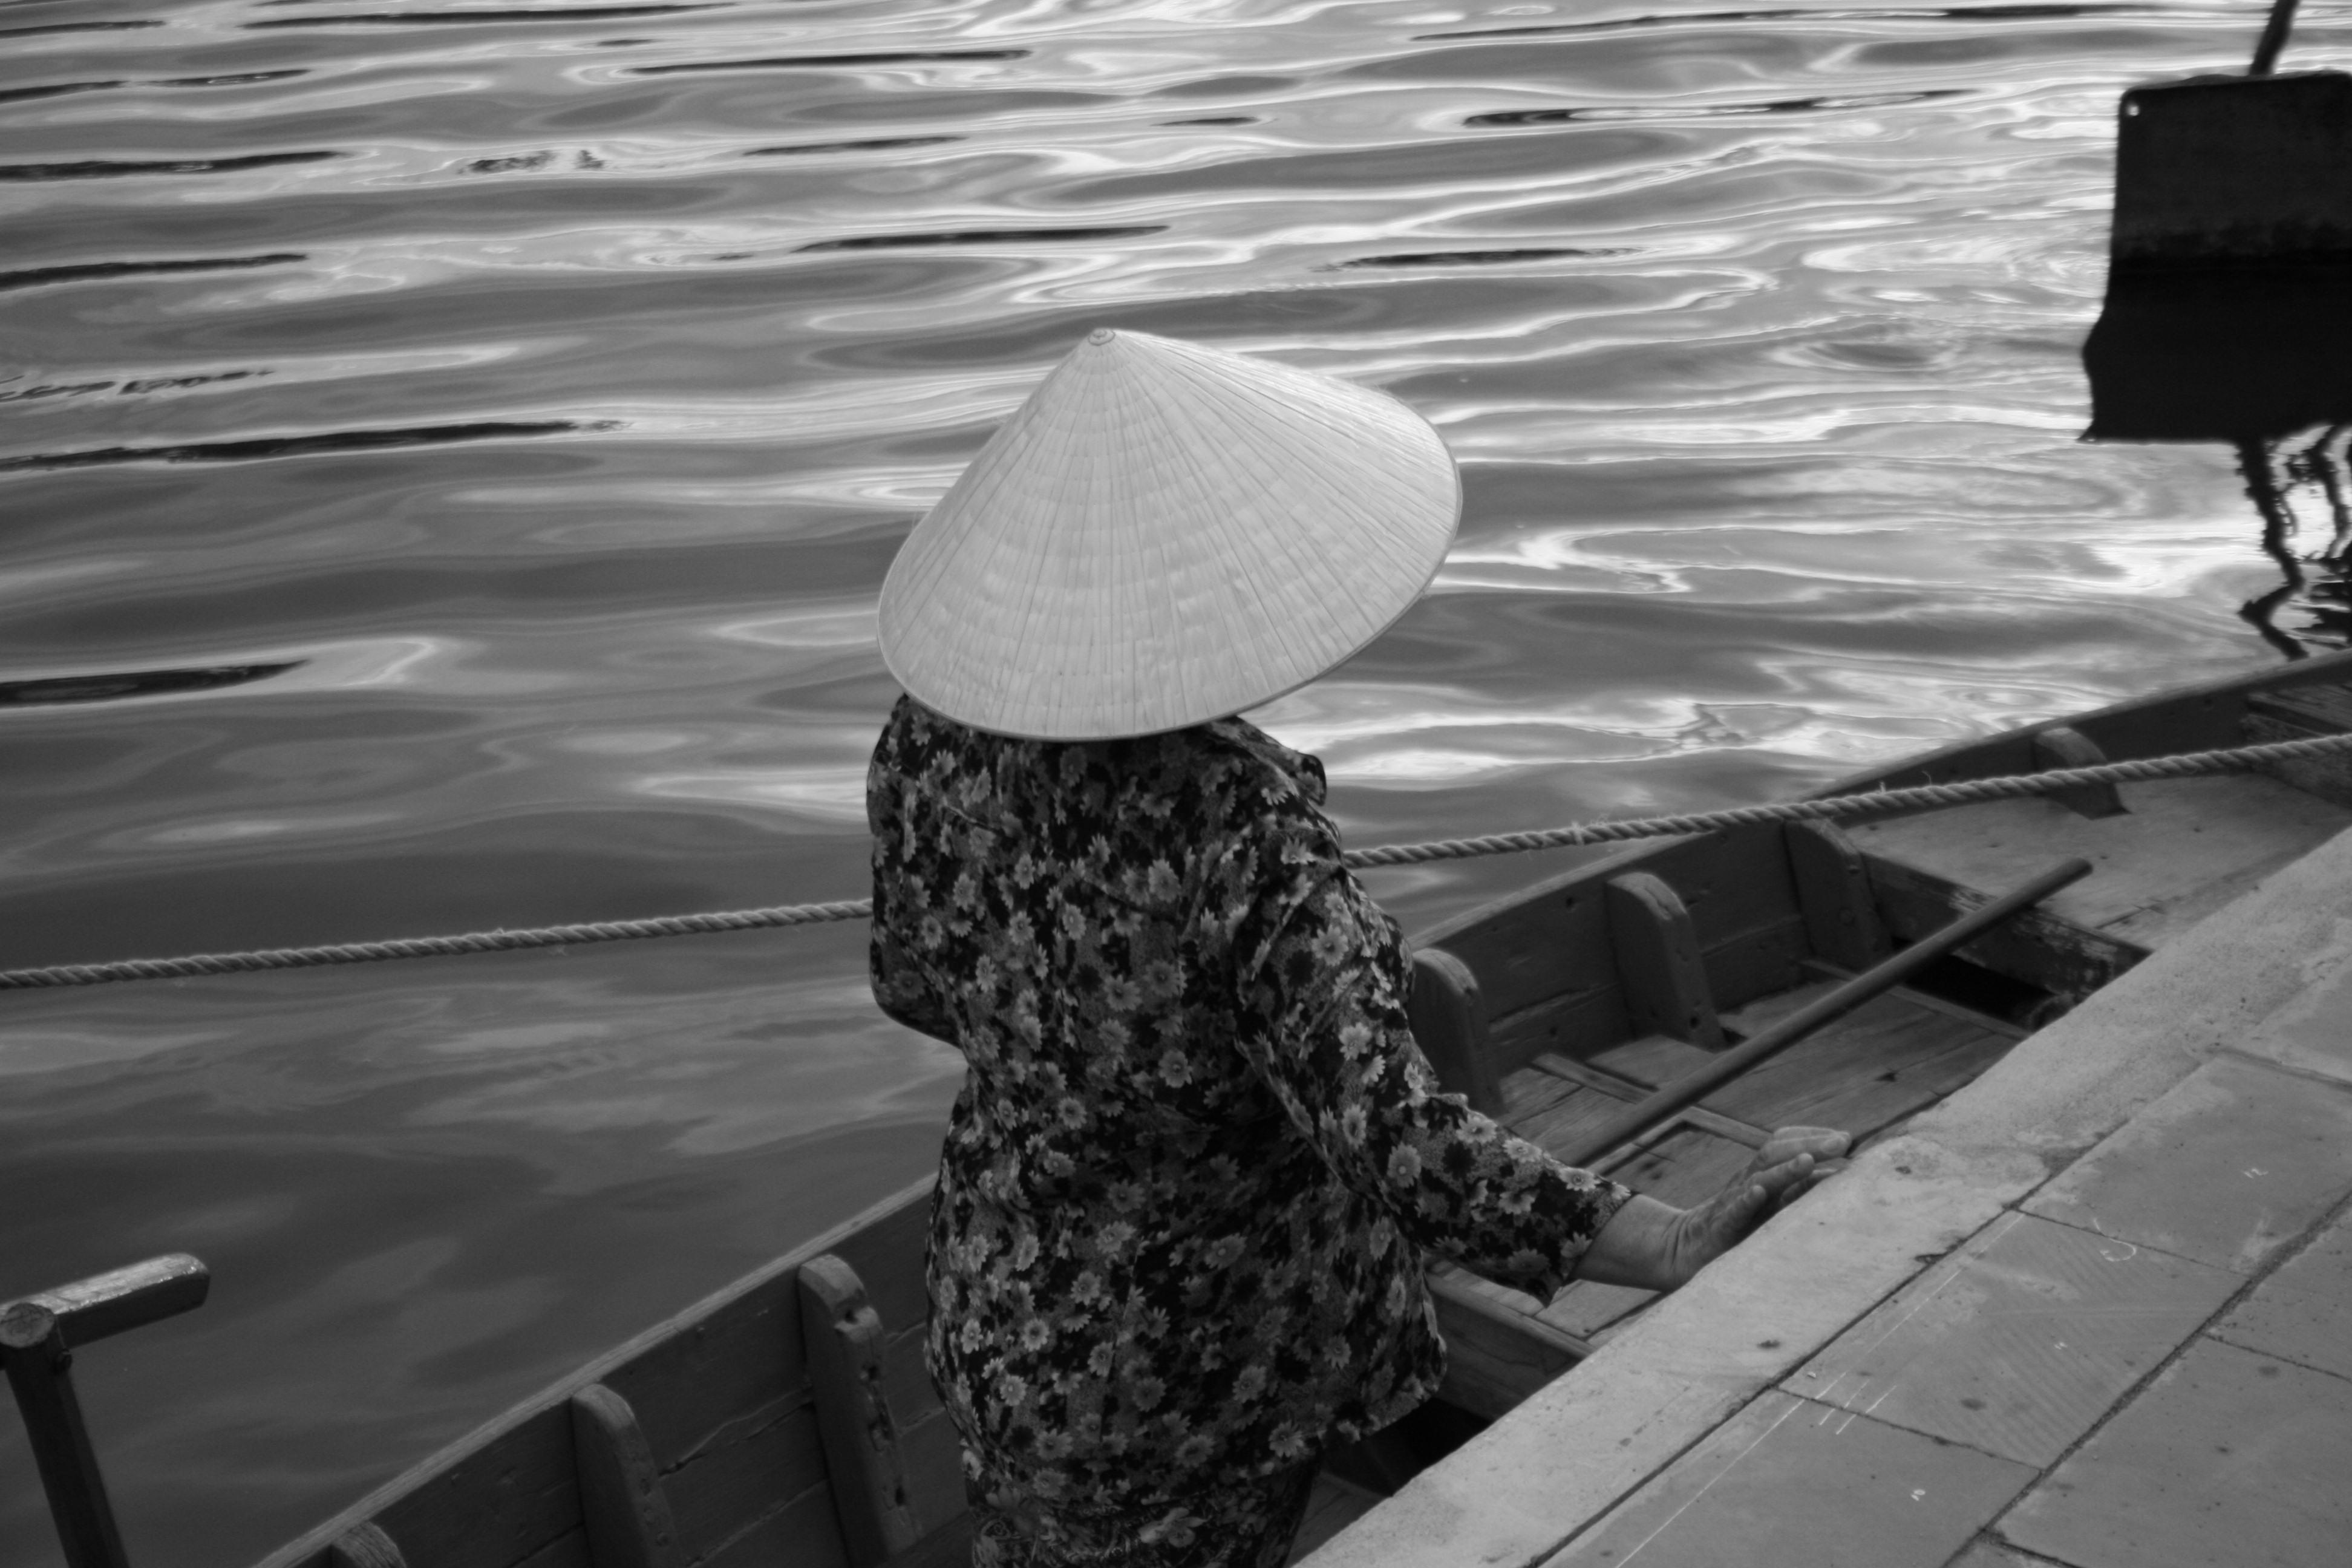 Vietnam, 2016